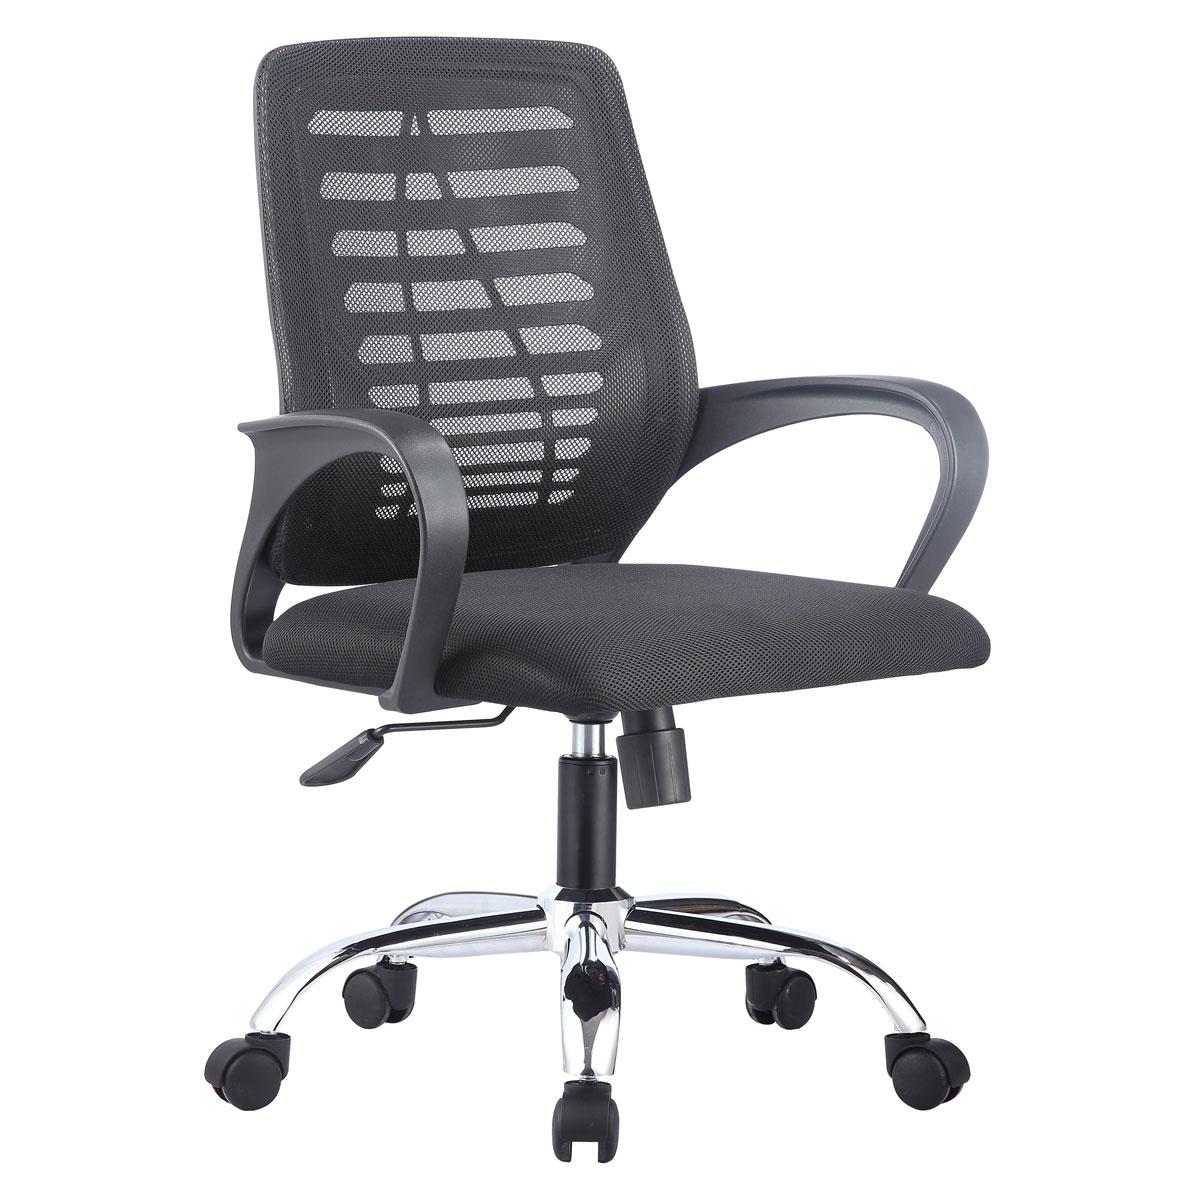 כסא מנהלים למשרד בעל תמיכה אורתופדית